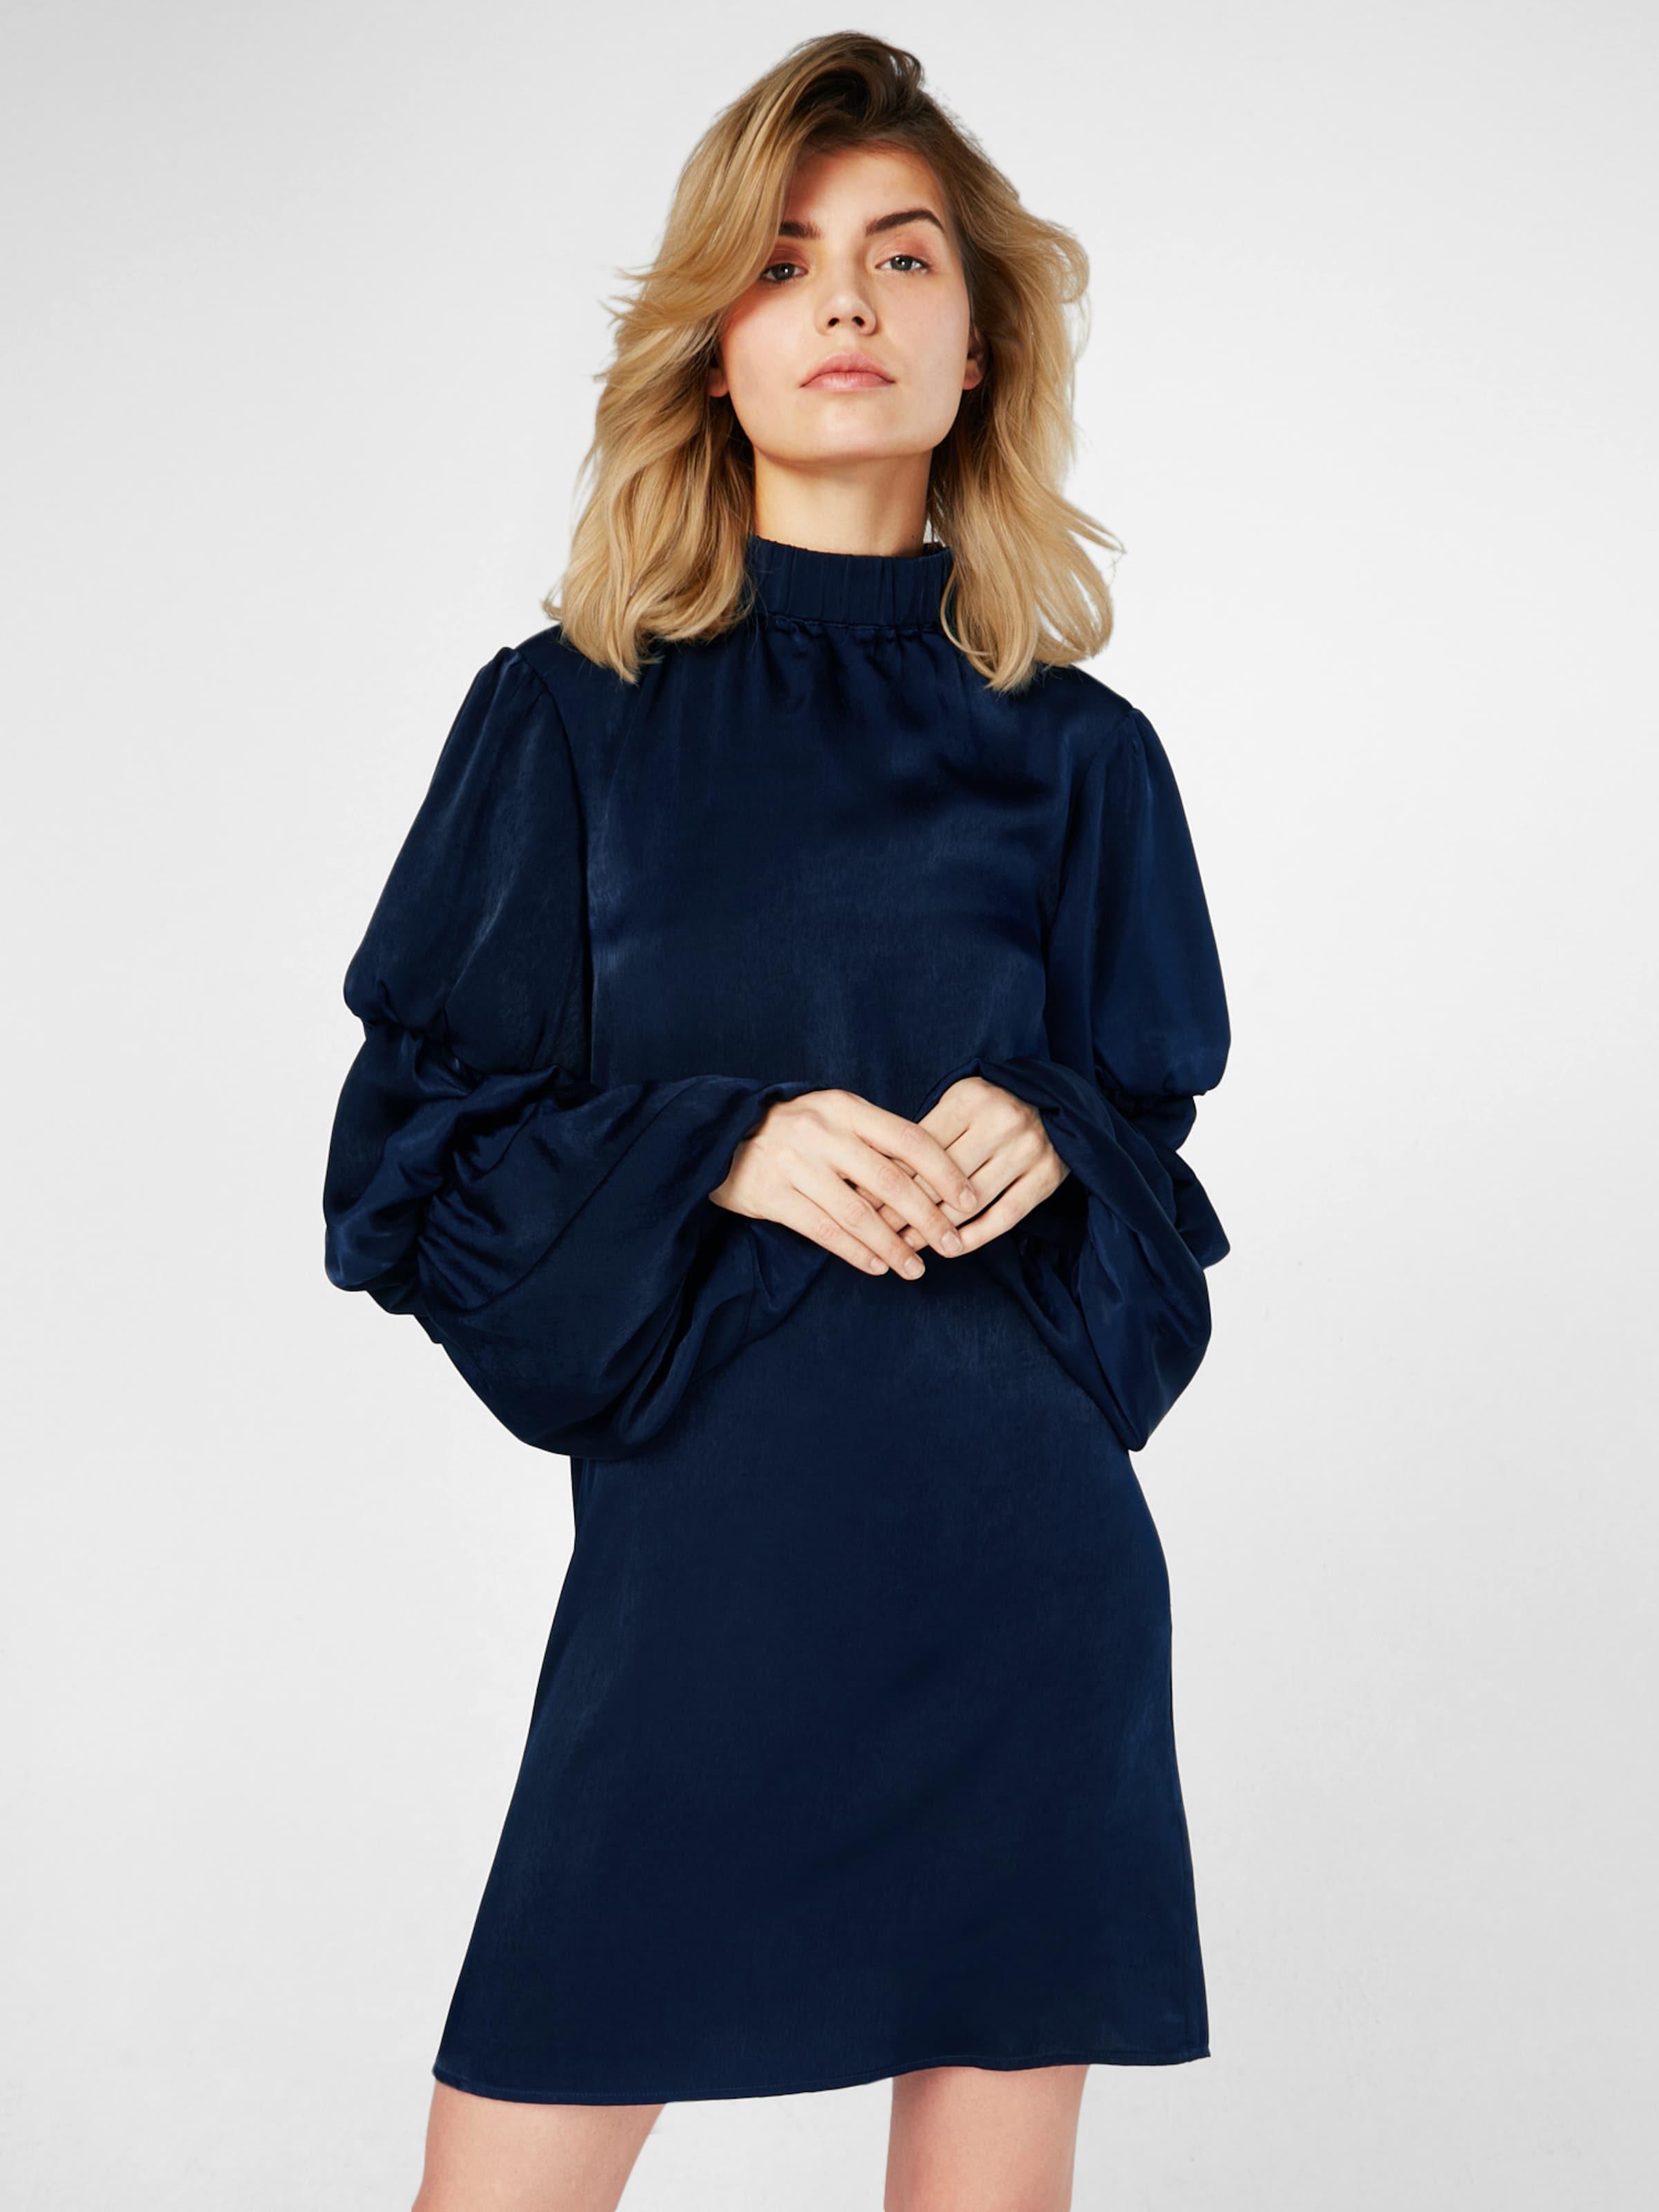 Großer Rabatt Zum Verkauf Lost Ink Abendkleid mit Auffälligen Ärmeln Offizielle Seite Günstig Online MA6an7R0